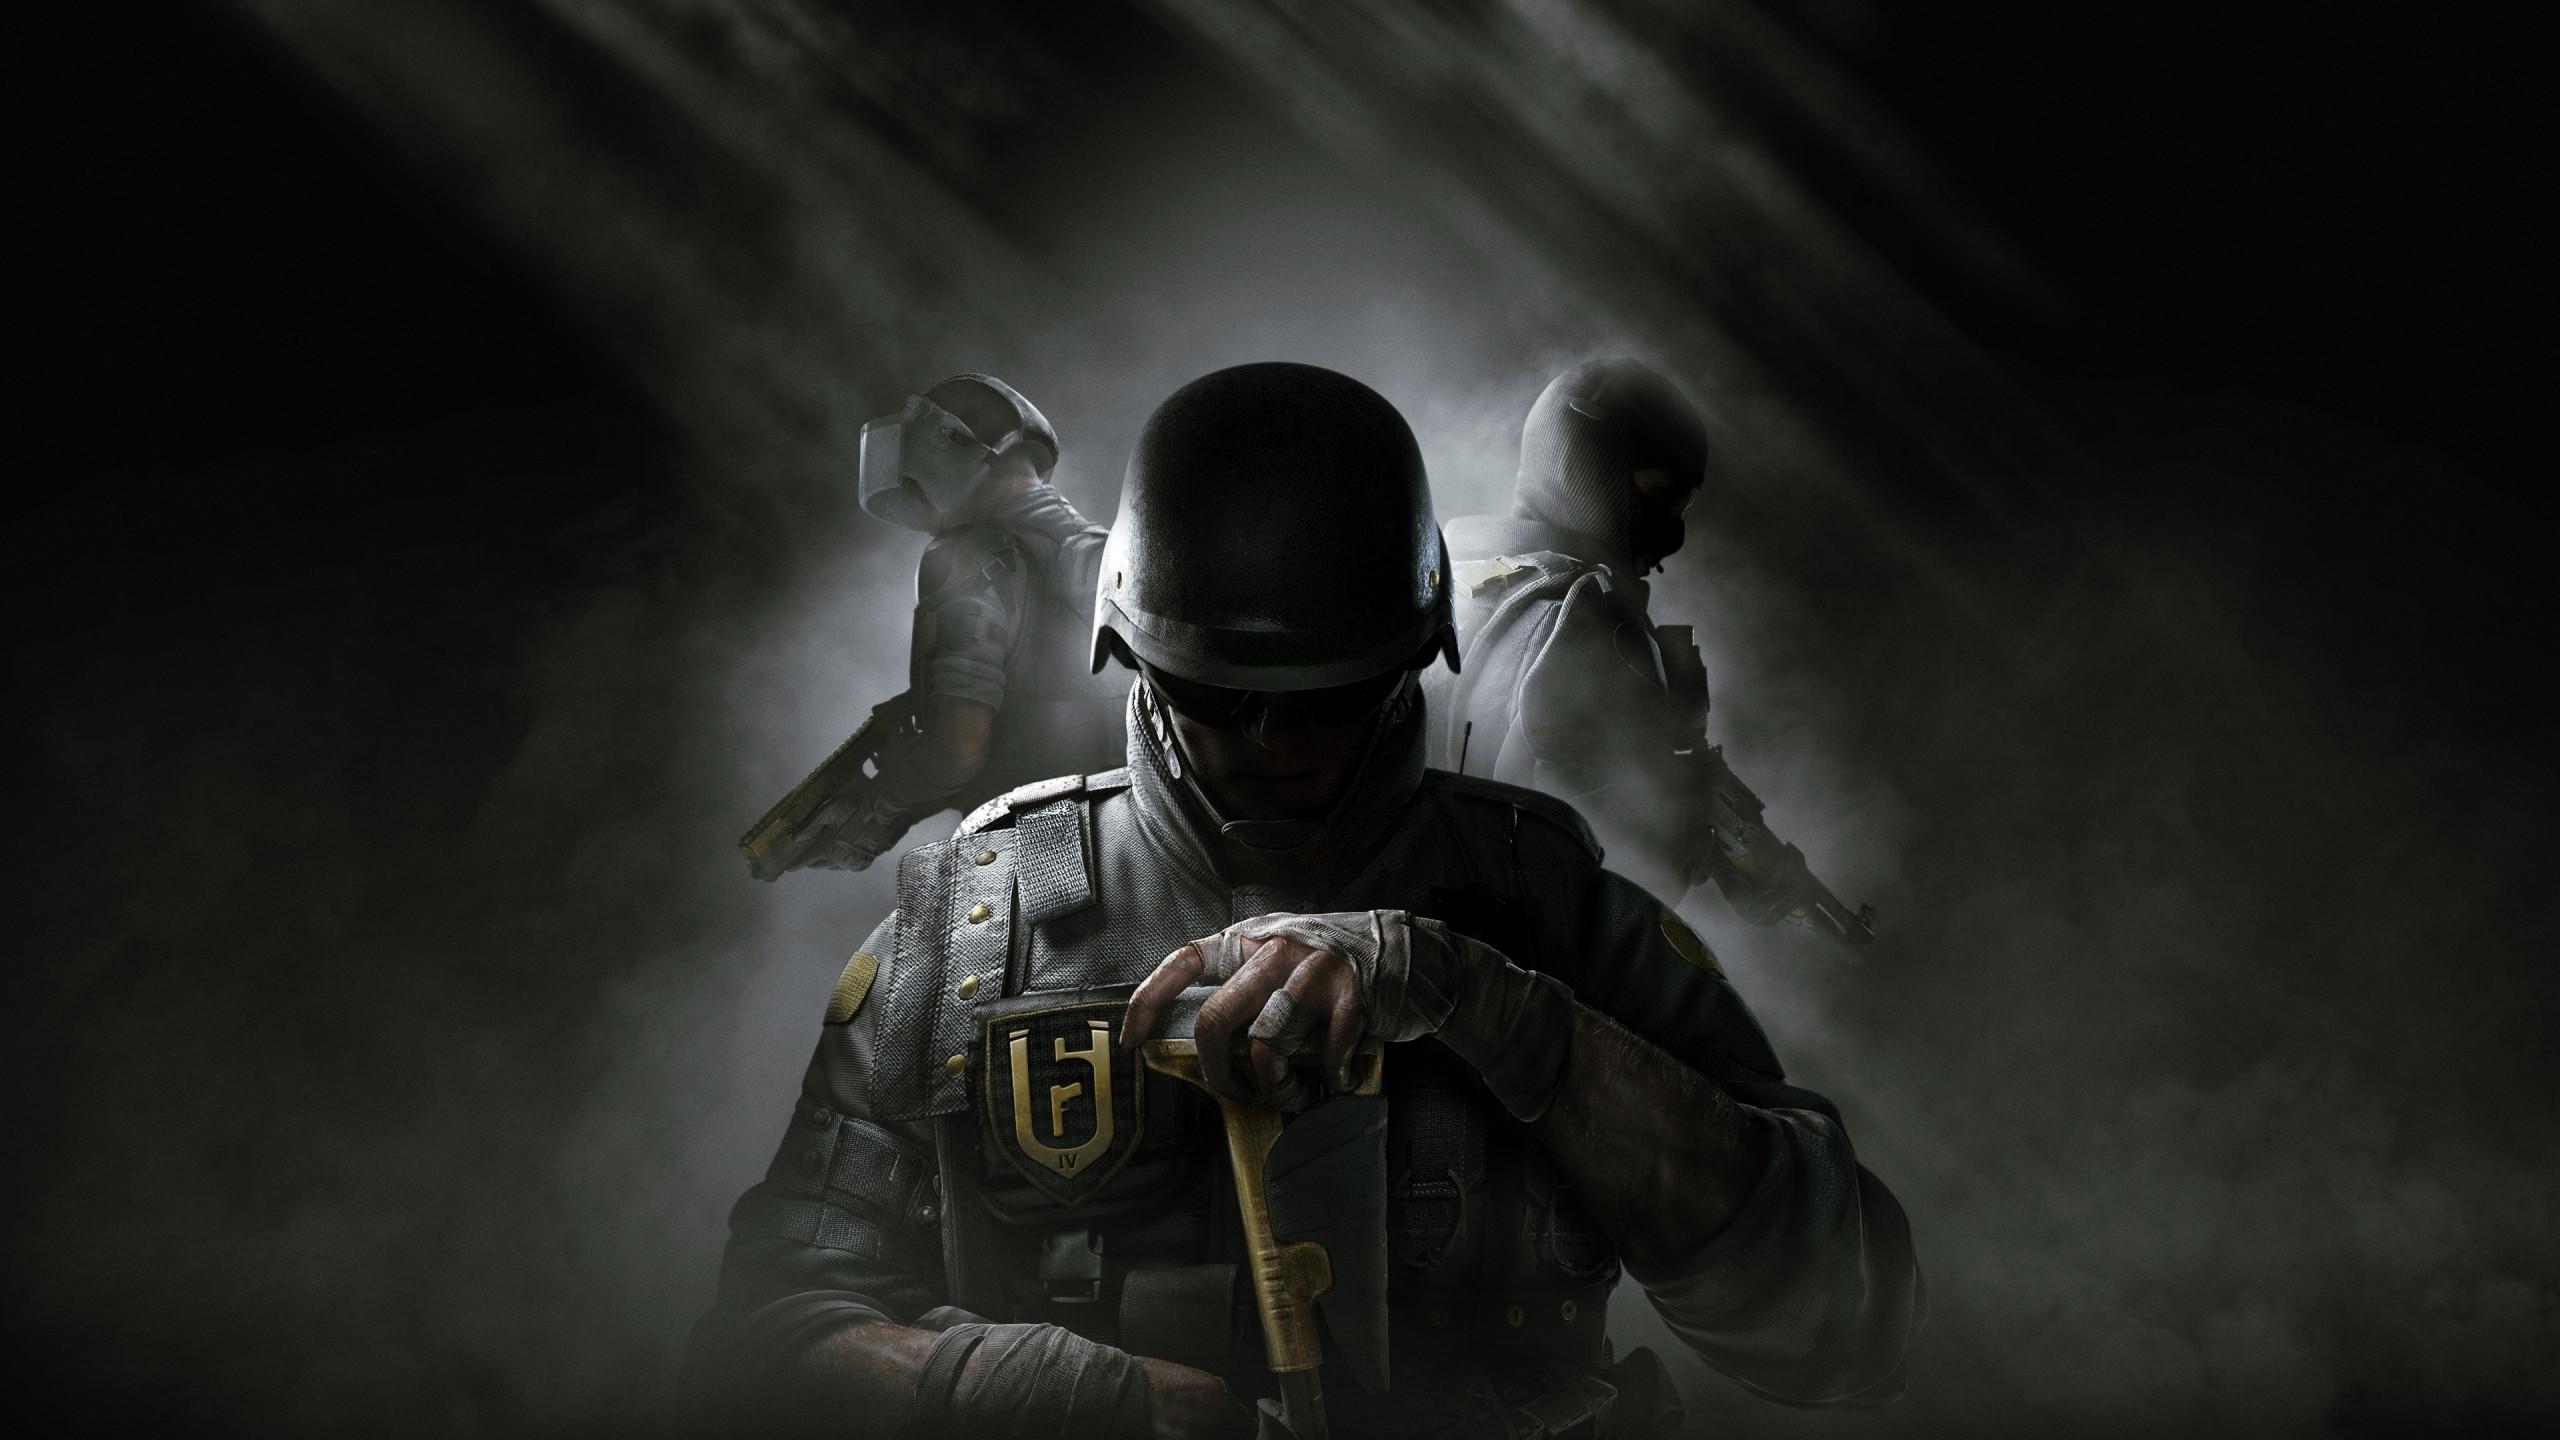 Download wallpaper: Rainbow Six Siege 2560x1440